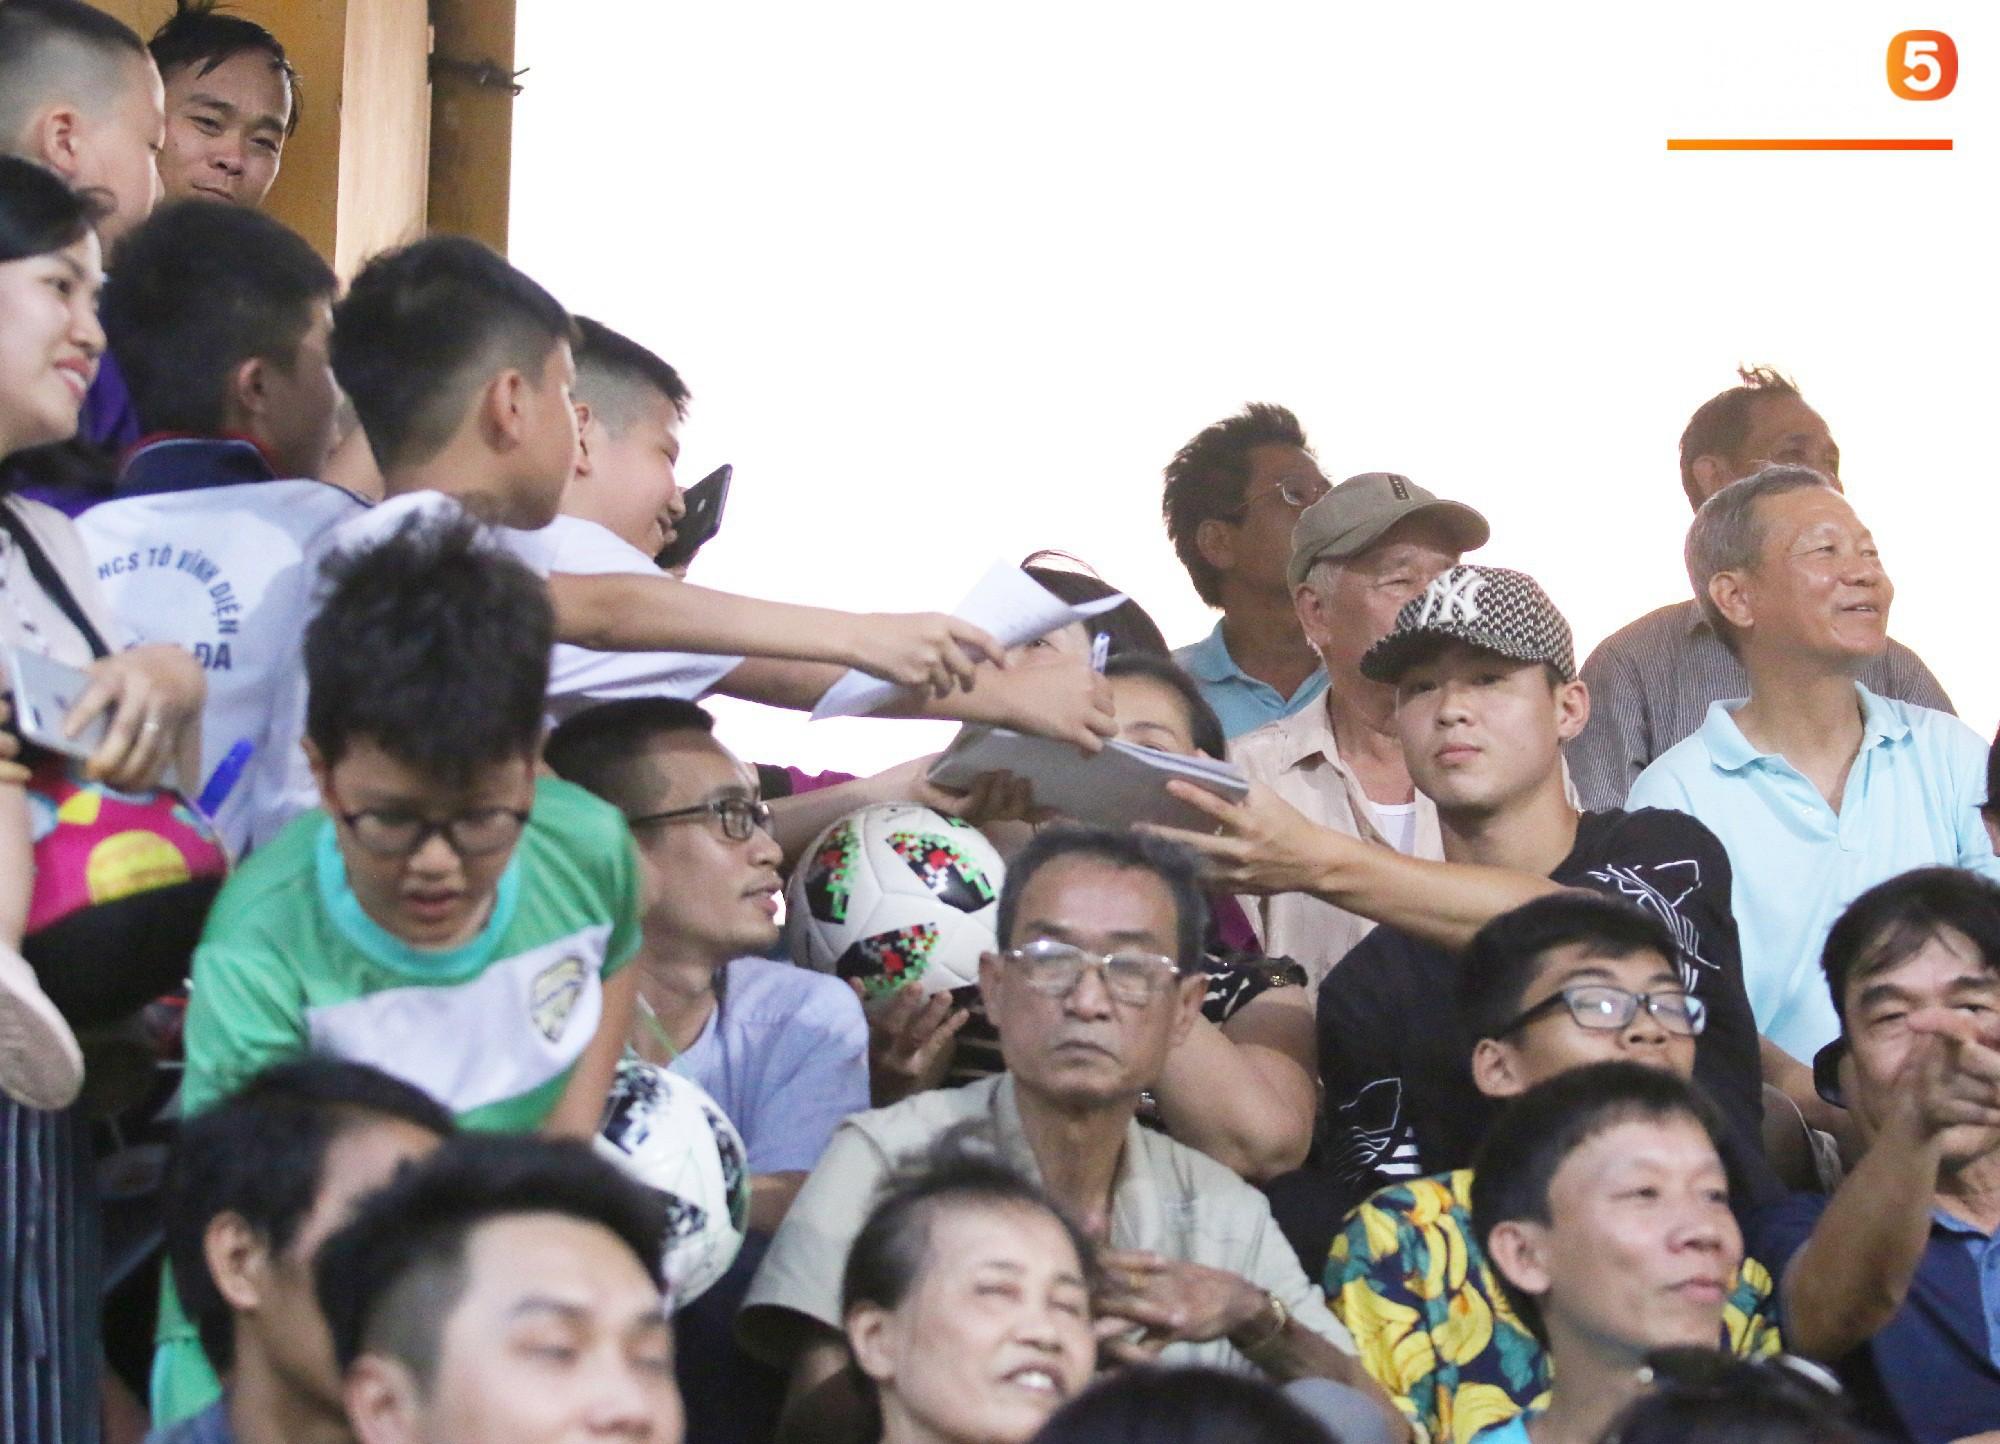 Duy Mạnh lặng lẽ theo dõi đồng đội thi đấu, vẫn bị fan nhí phát hiện vây kín - Ảnh 2.